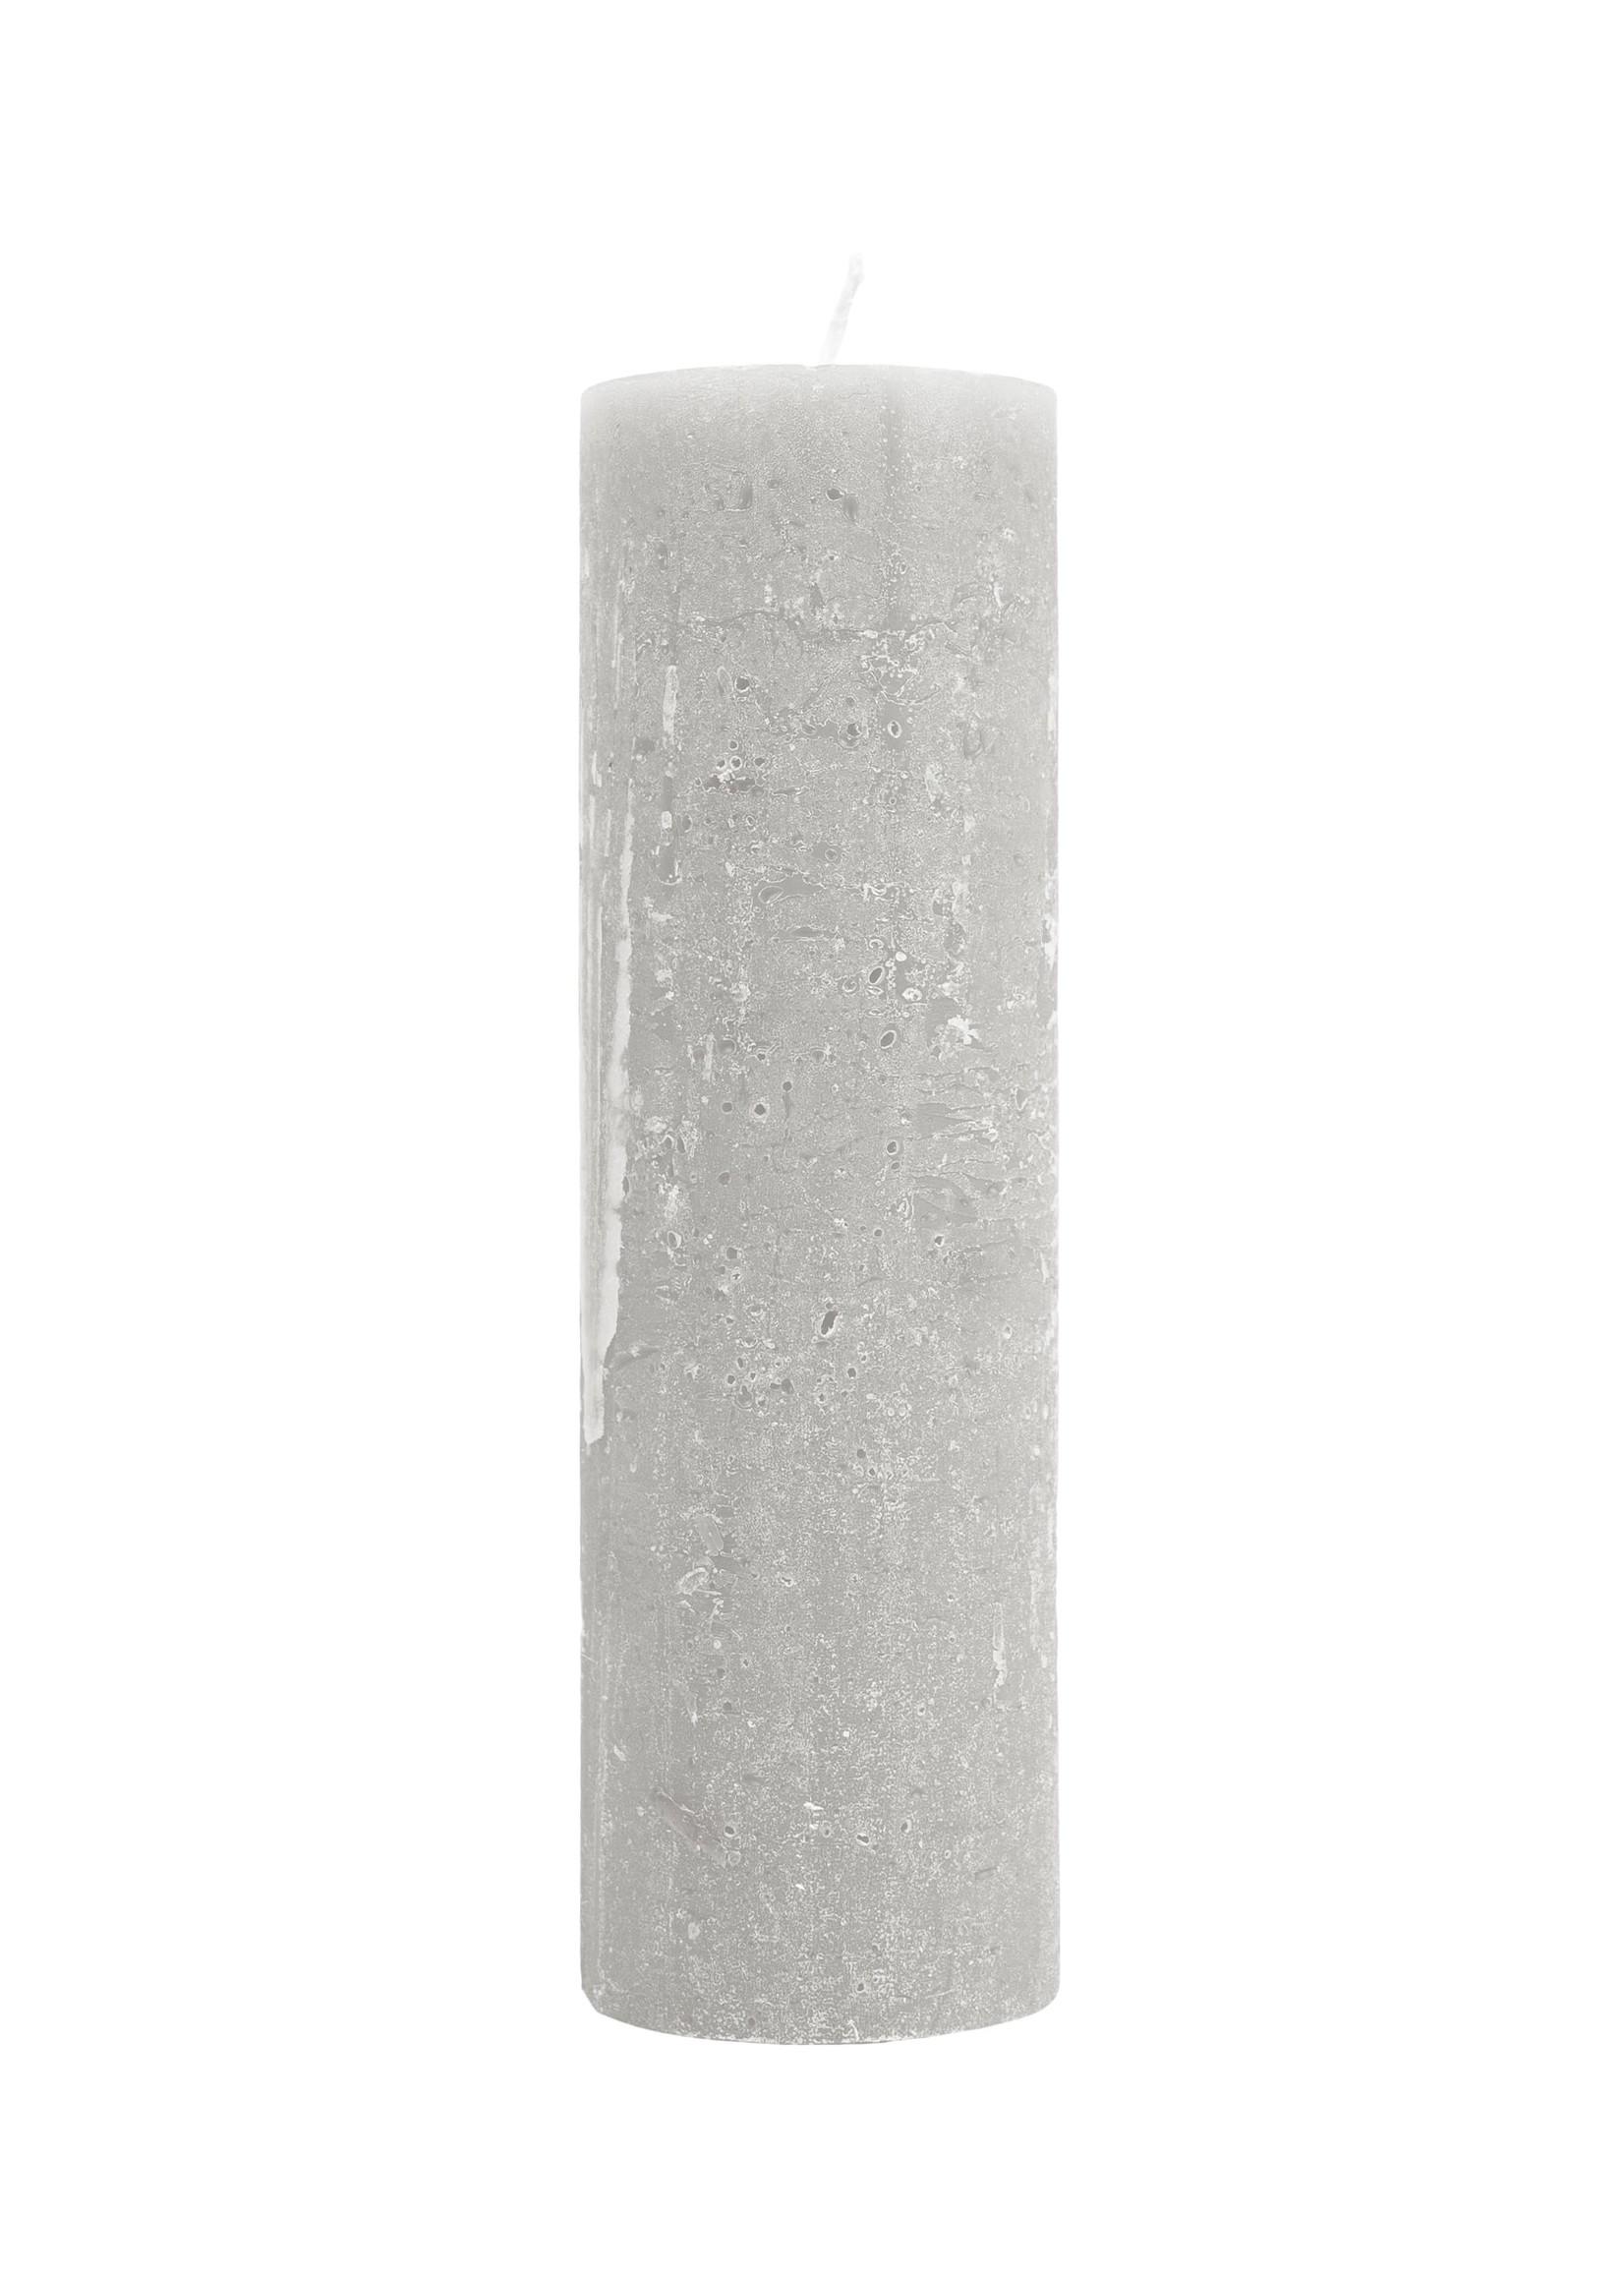 ZUSSS stompkaars ø4,5cm lichtgrijs